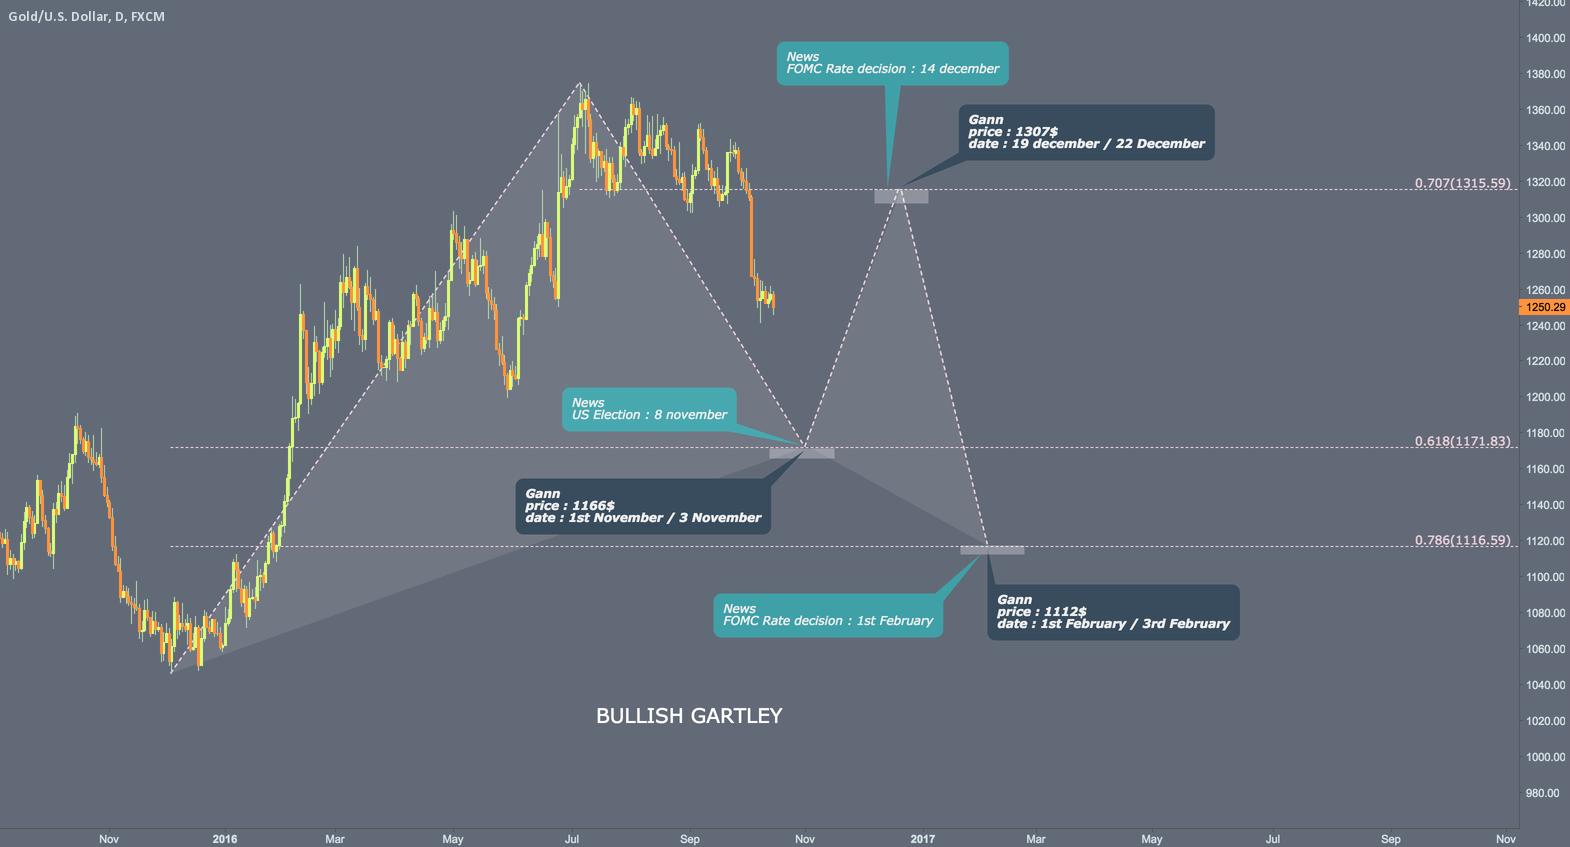 Forecast with Gann / Harmonics / News